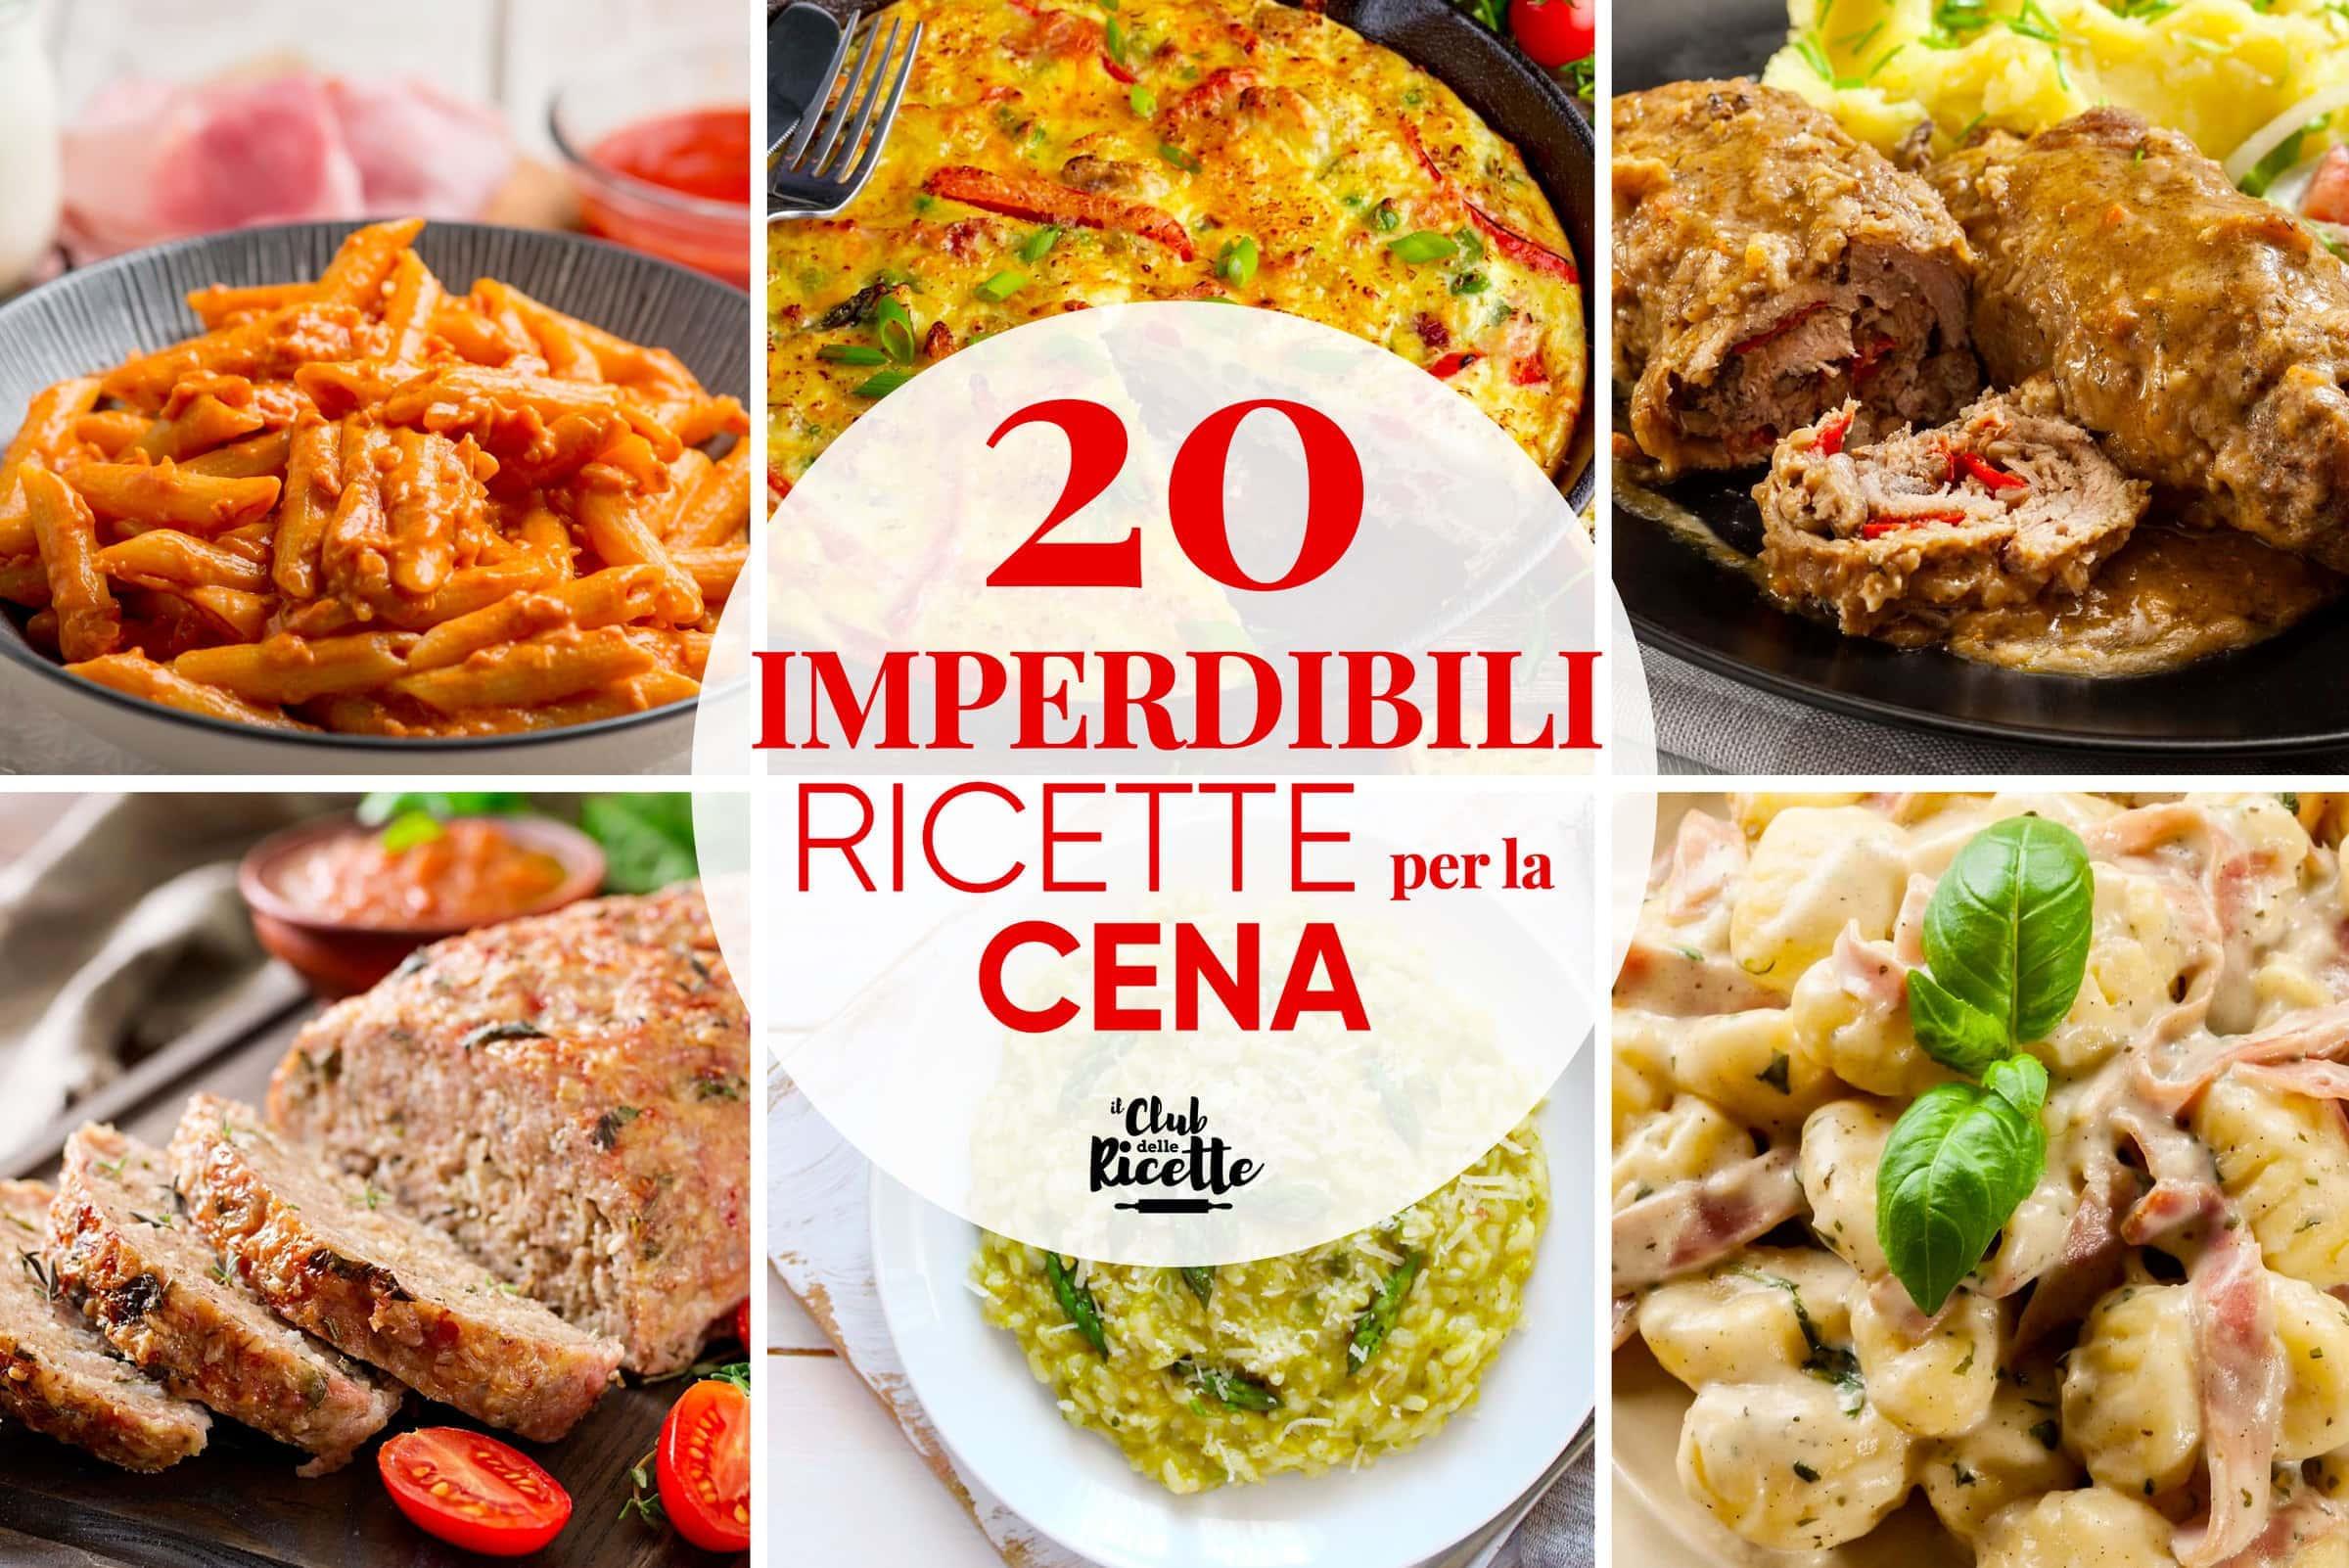 Le 20 Migliori Ricette Per La Cena Il Club Delle Ricette